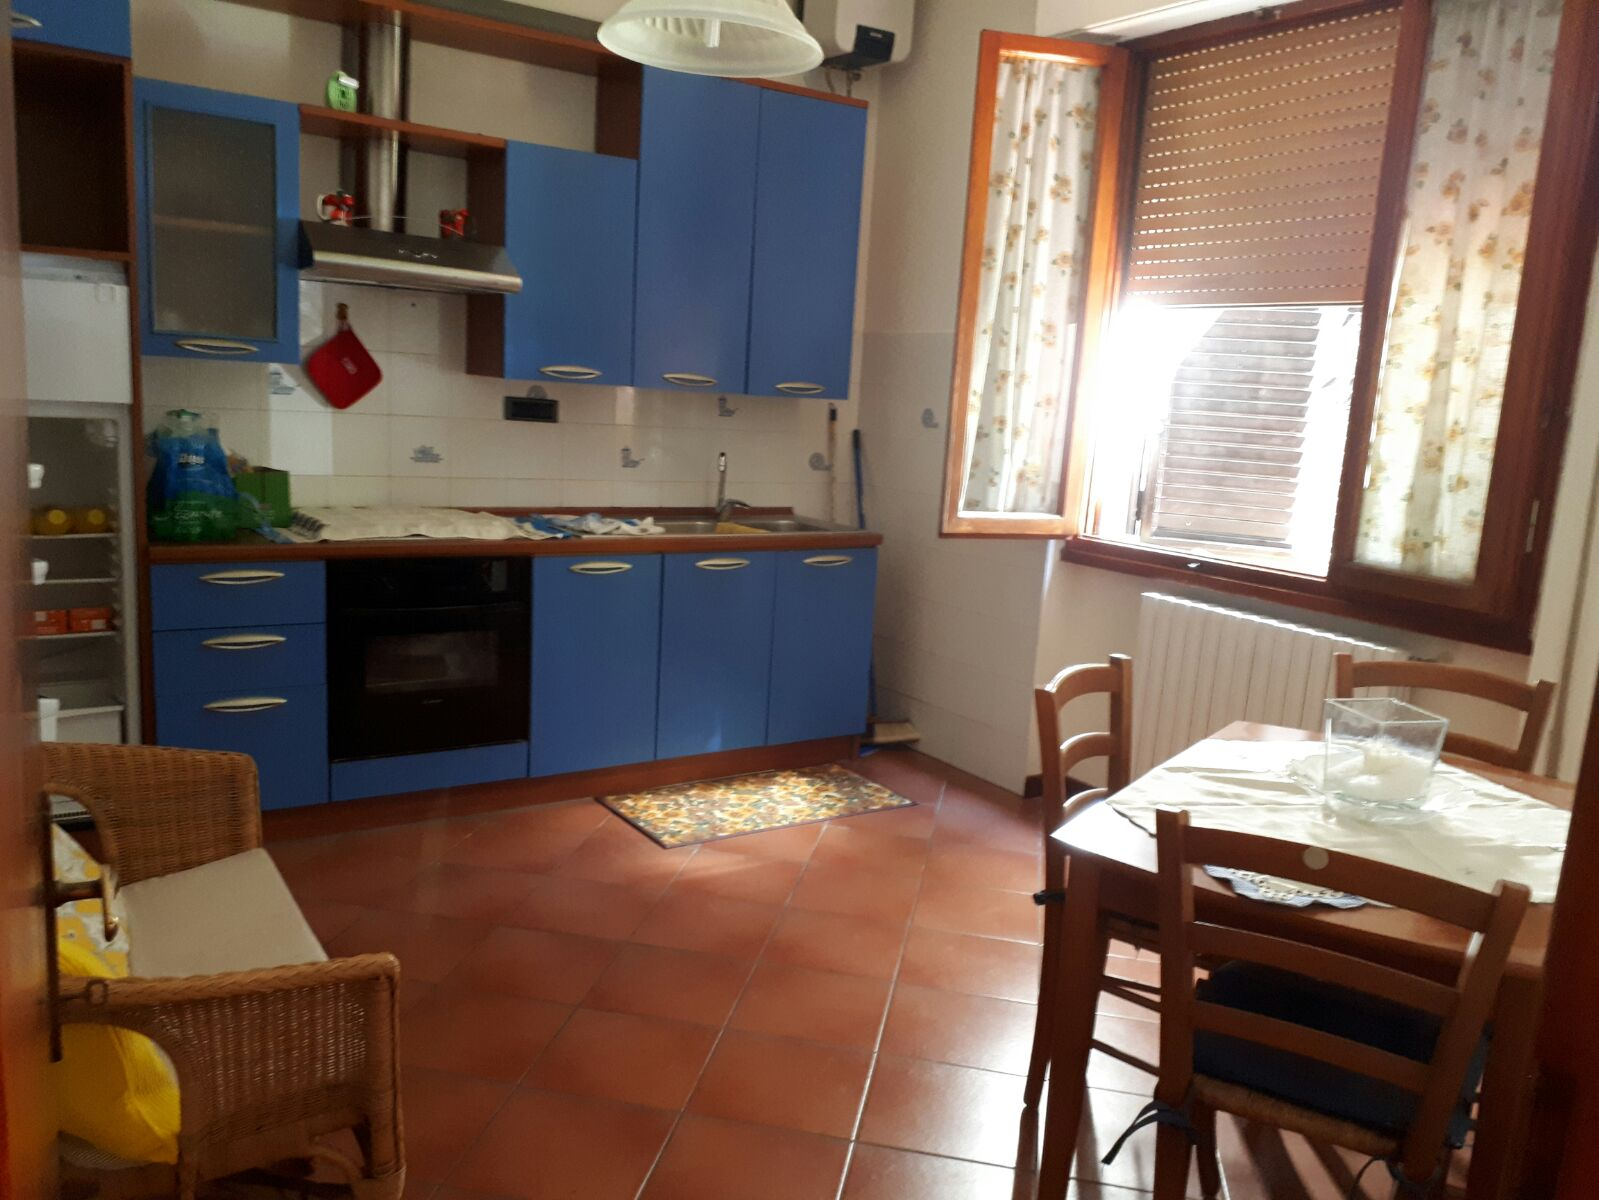 PISTOIA,51100,2 Bedrooms Bedrooms,1 BagnoBathrooms,Appartamento,1202